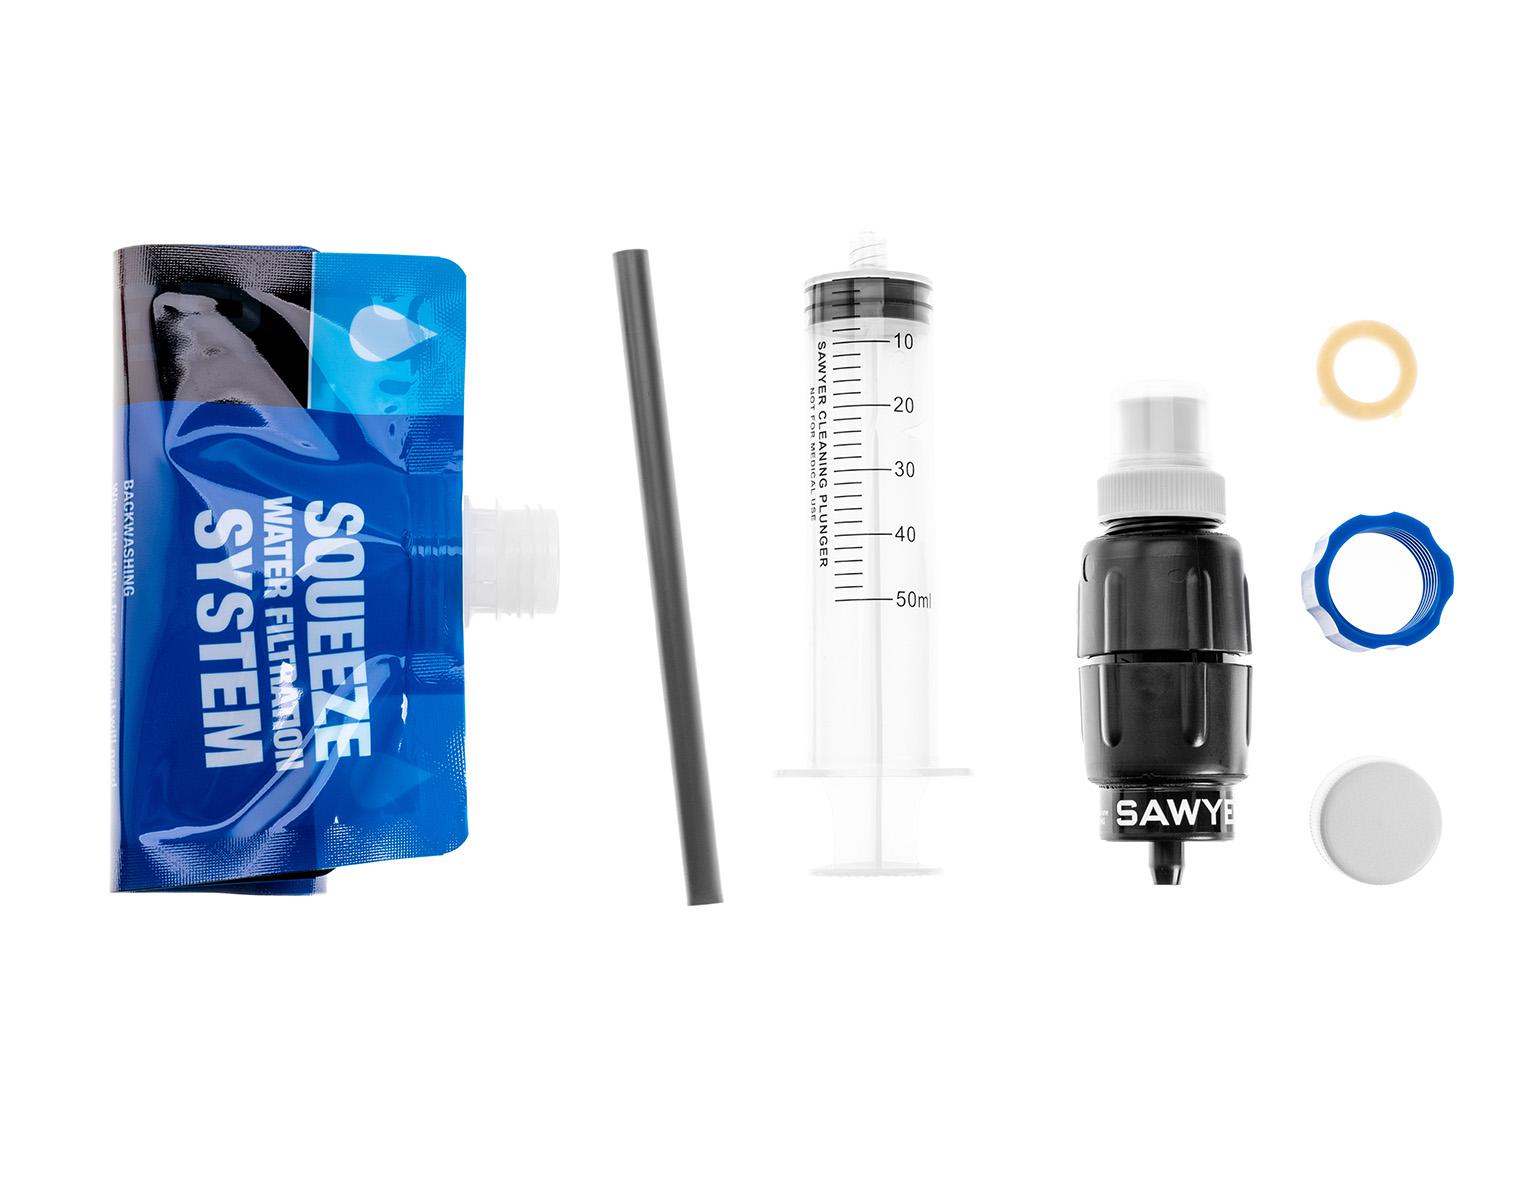 Filtr-do-wody-Sawyer-Point-One-Micro-Squeeze-SP2129-zestaw